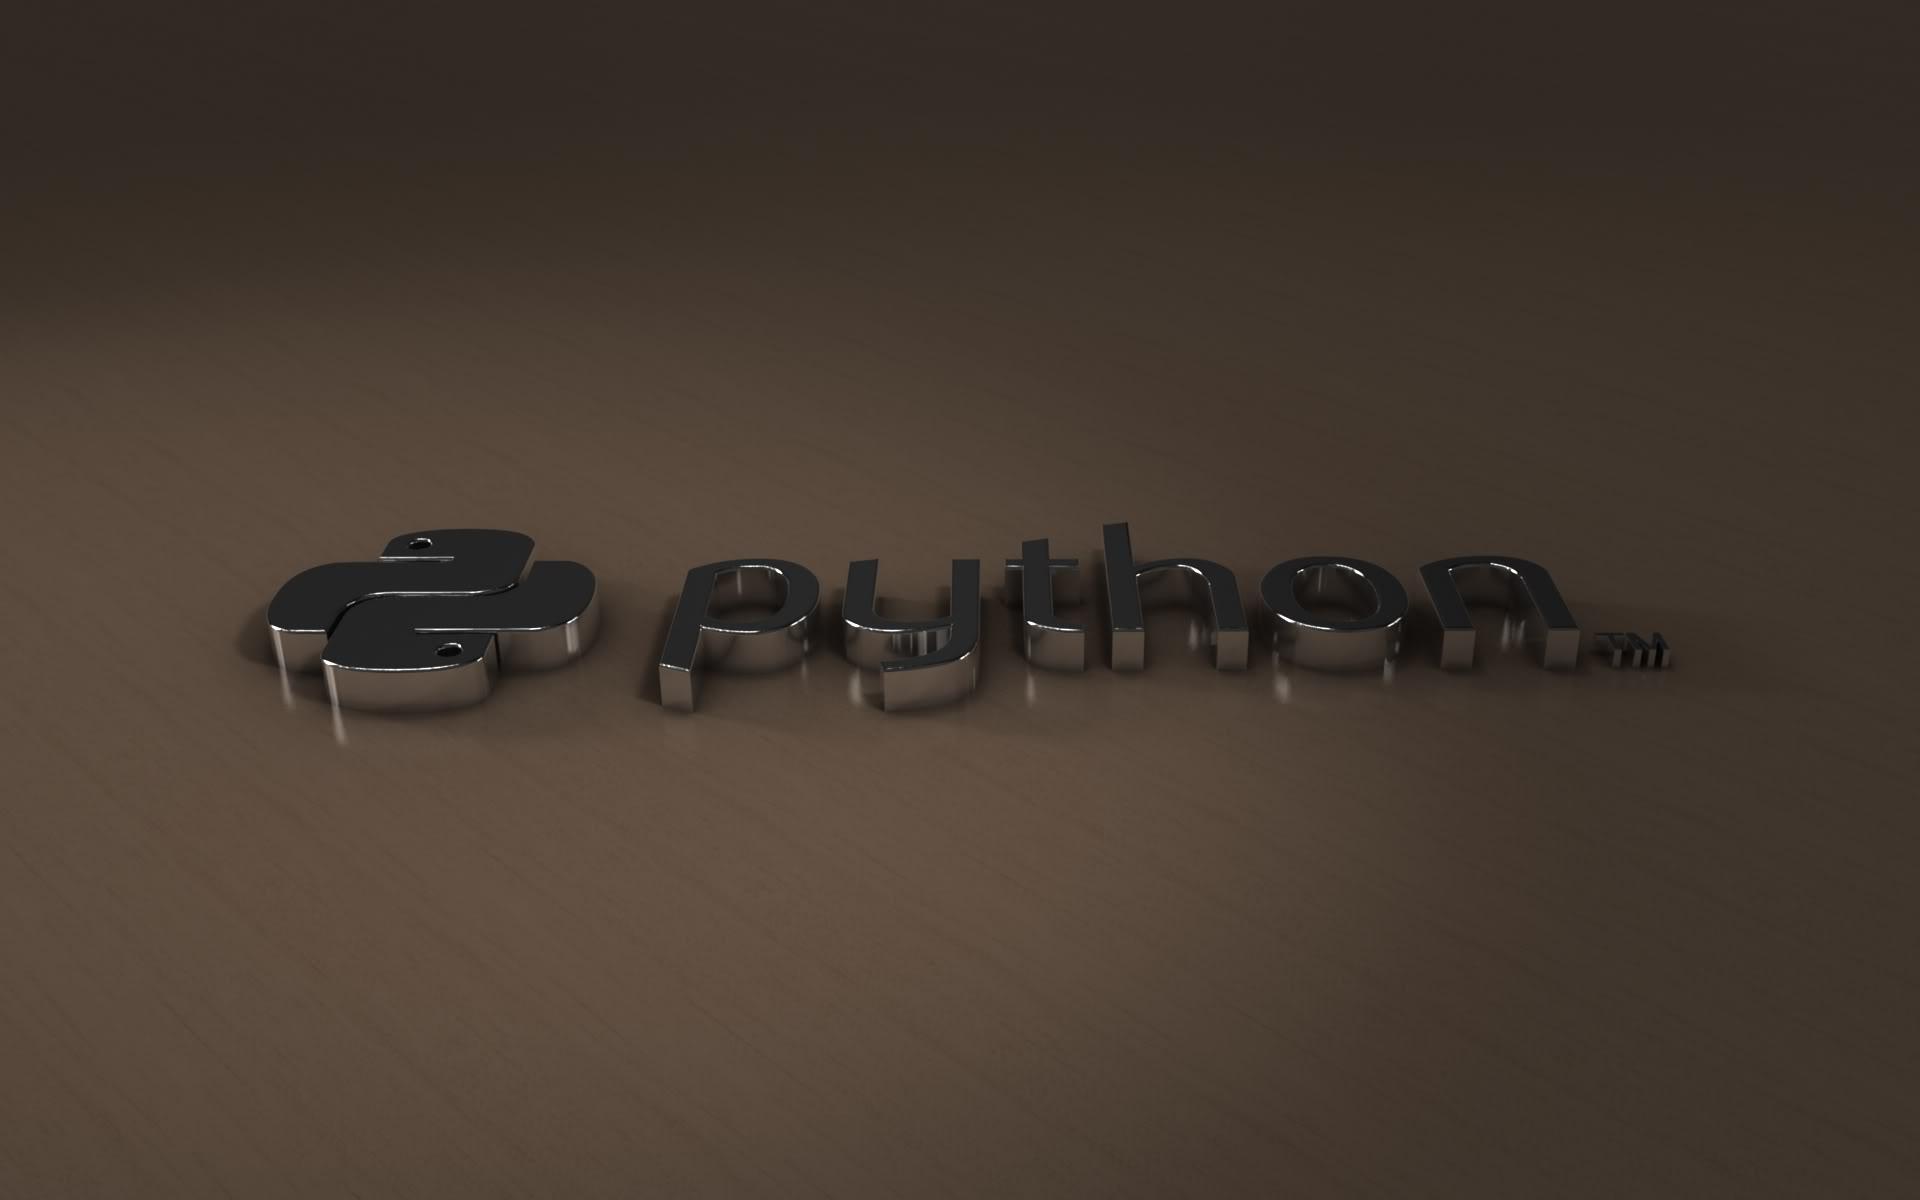 python programming language wallpaper wwwimgkidcom